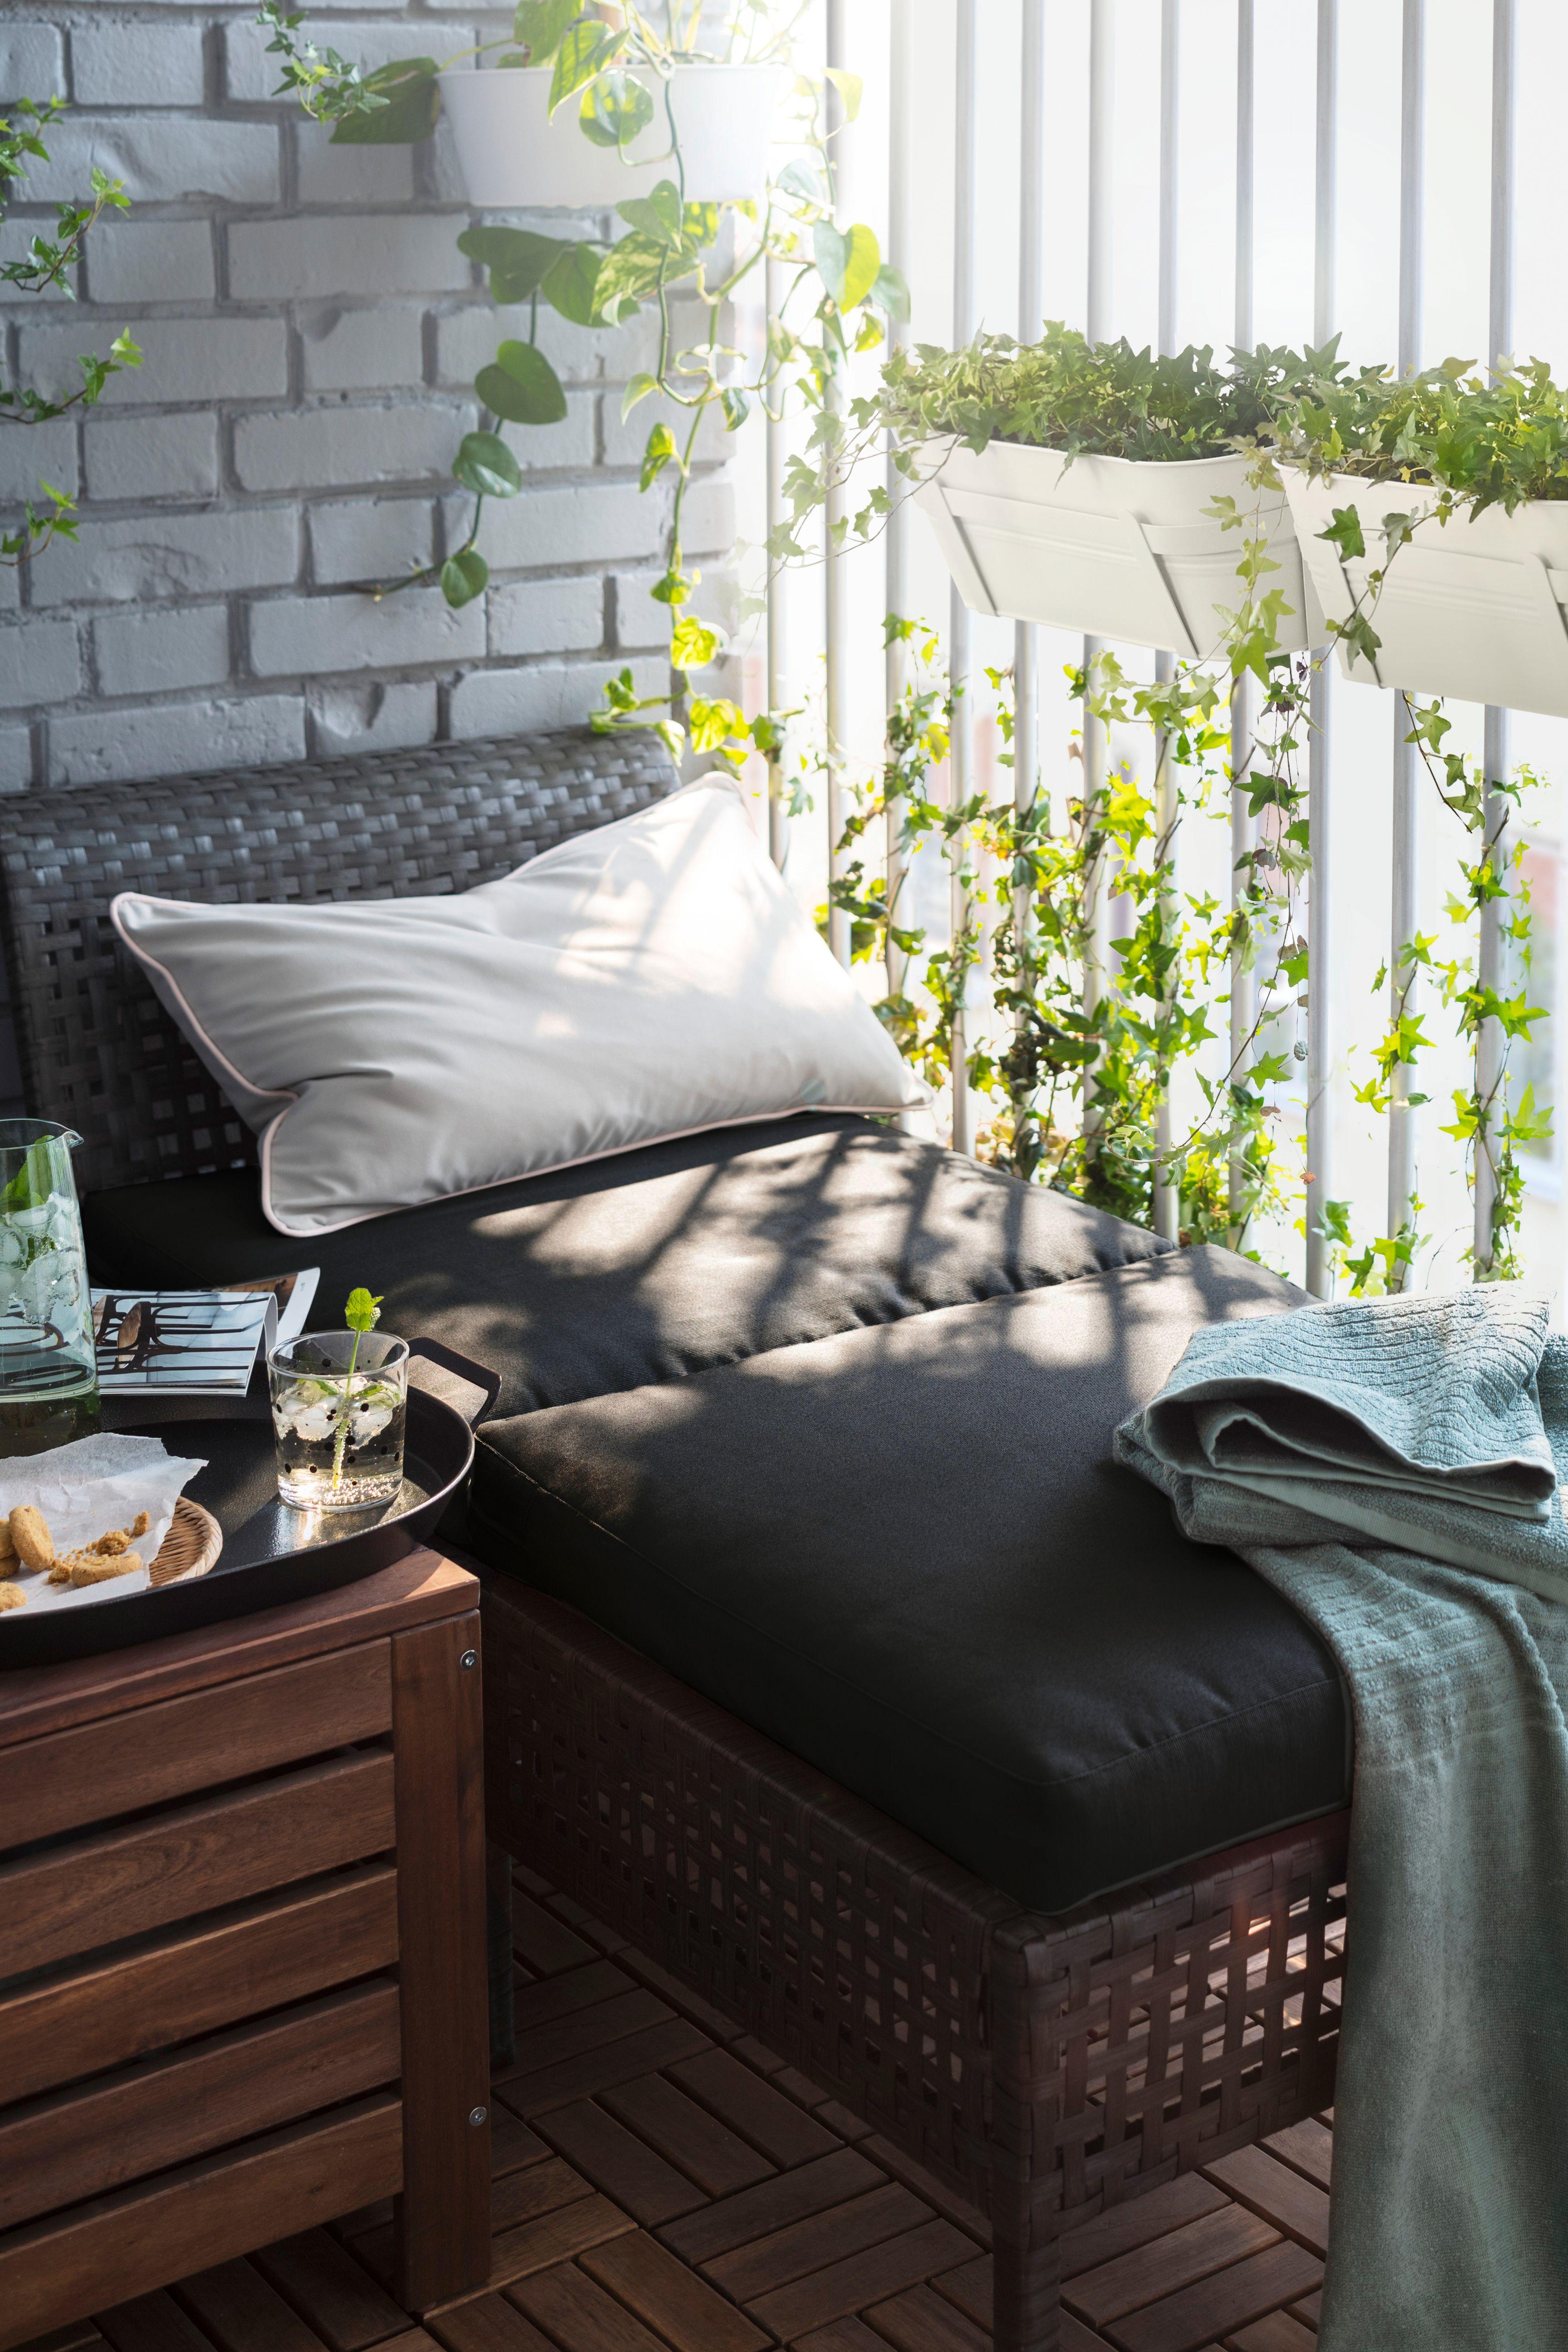 Möbel & Einrichtungsideen für dein Zuhause #smallbalconyfurniture